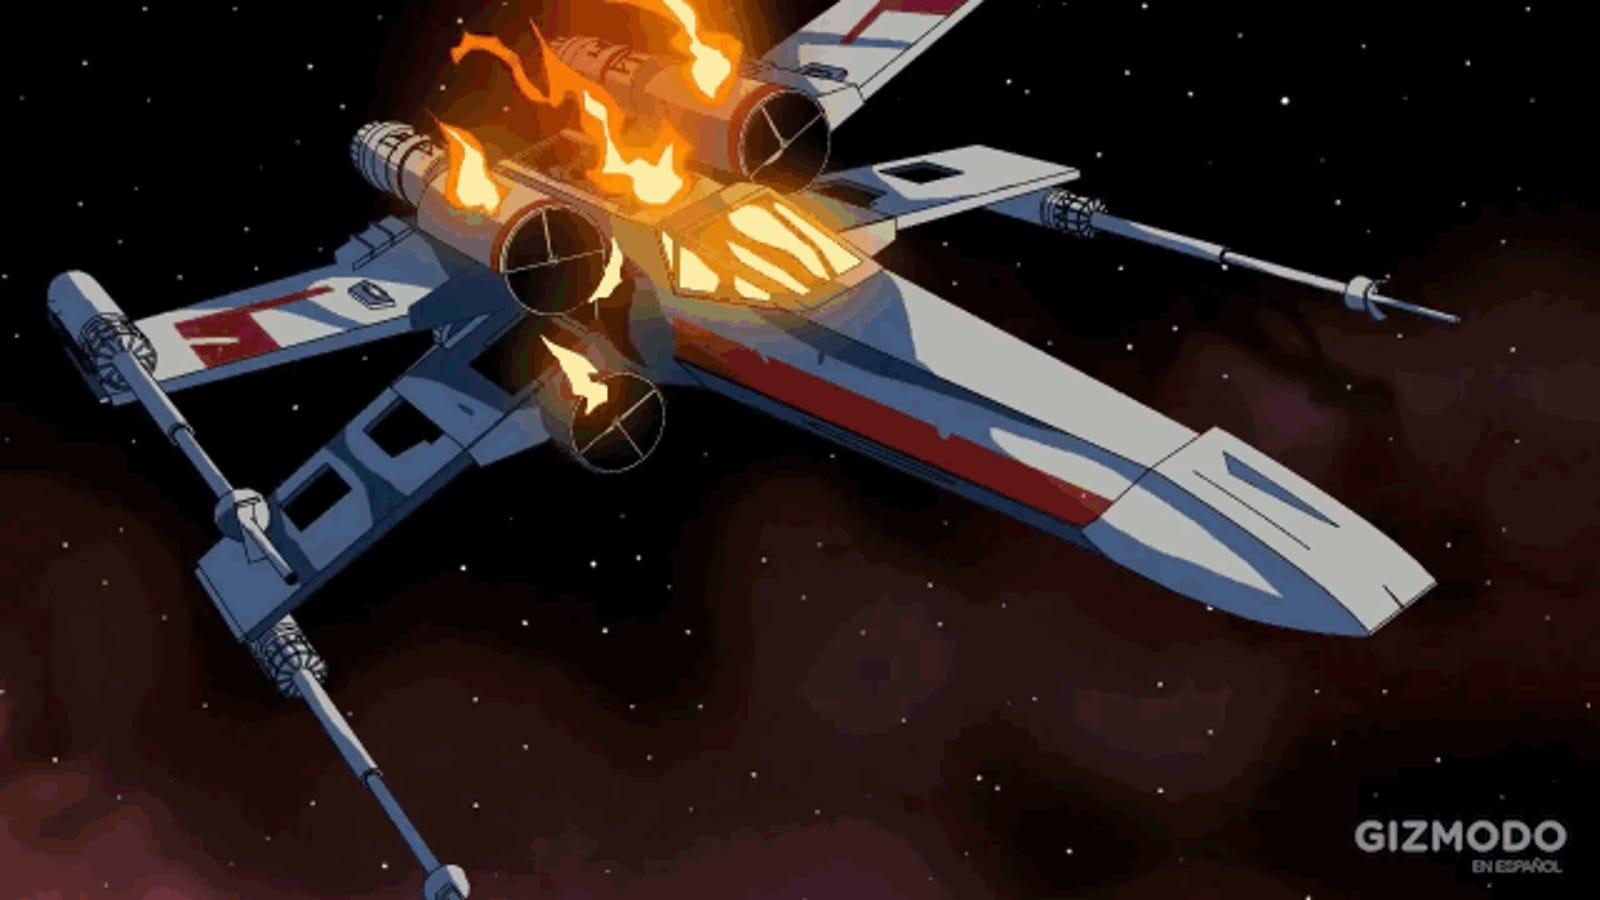 Este increíble corto cuenta Star Wars desde la perspectiva del Imperio